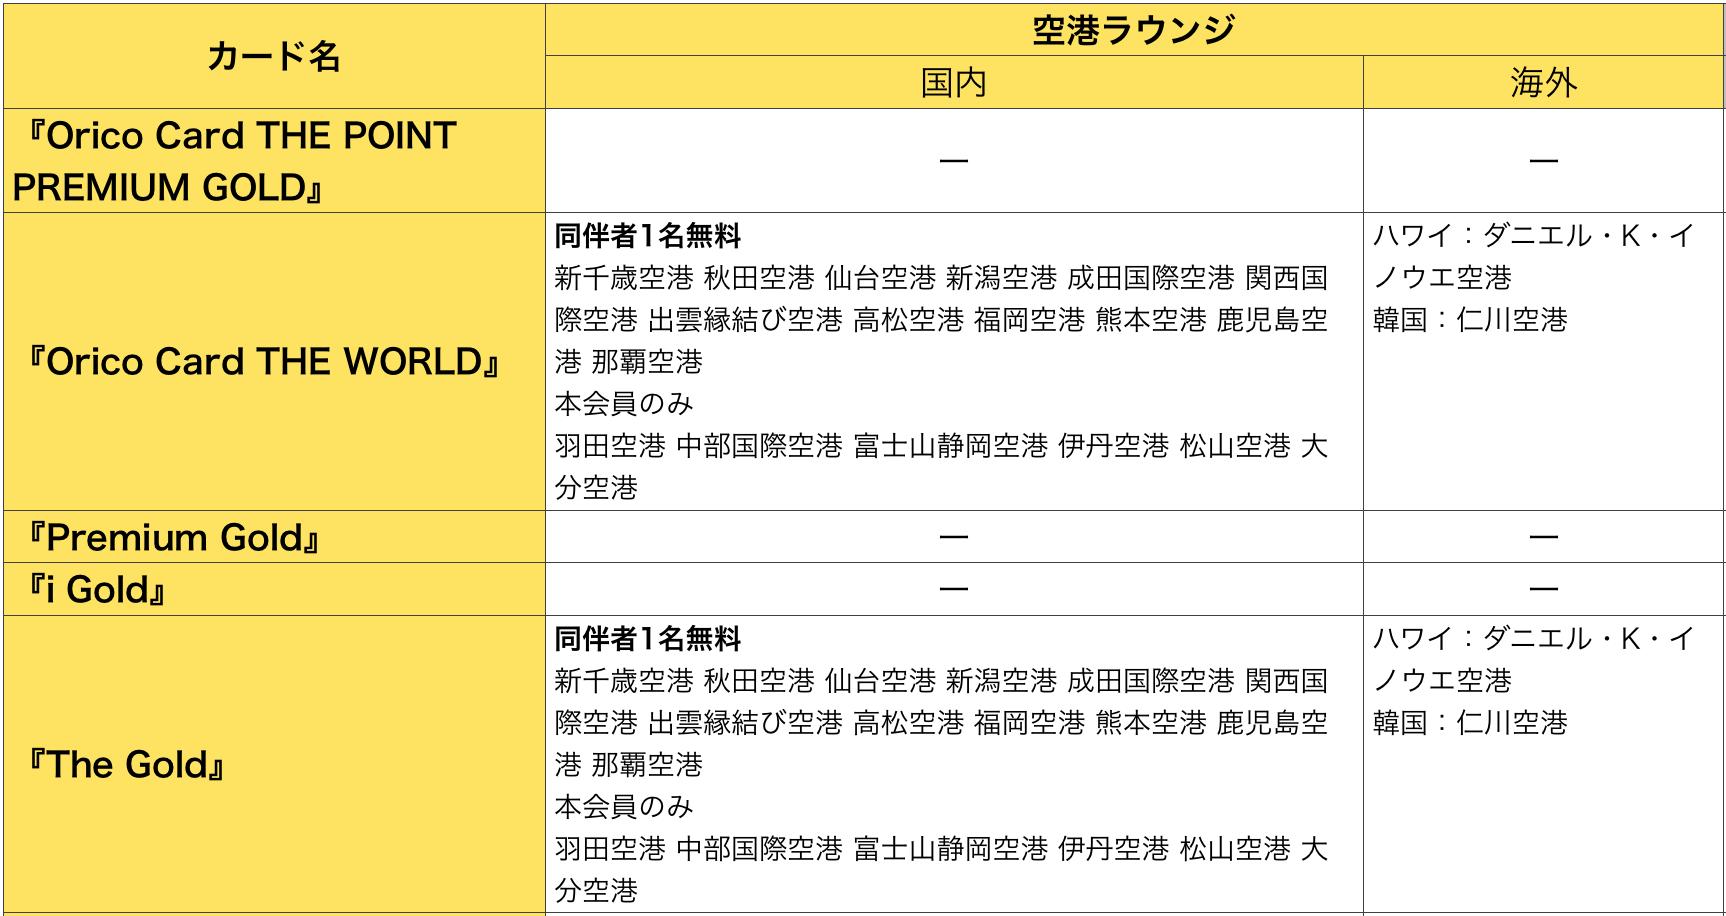 オリコ ゴールドカードで利用できる空港ラウンジ(2019年6月版)